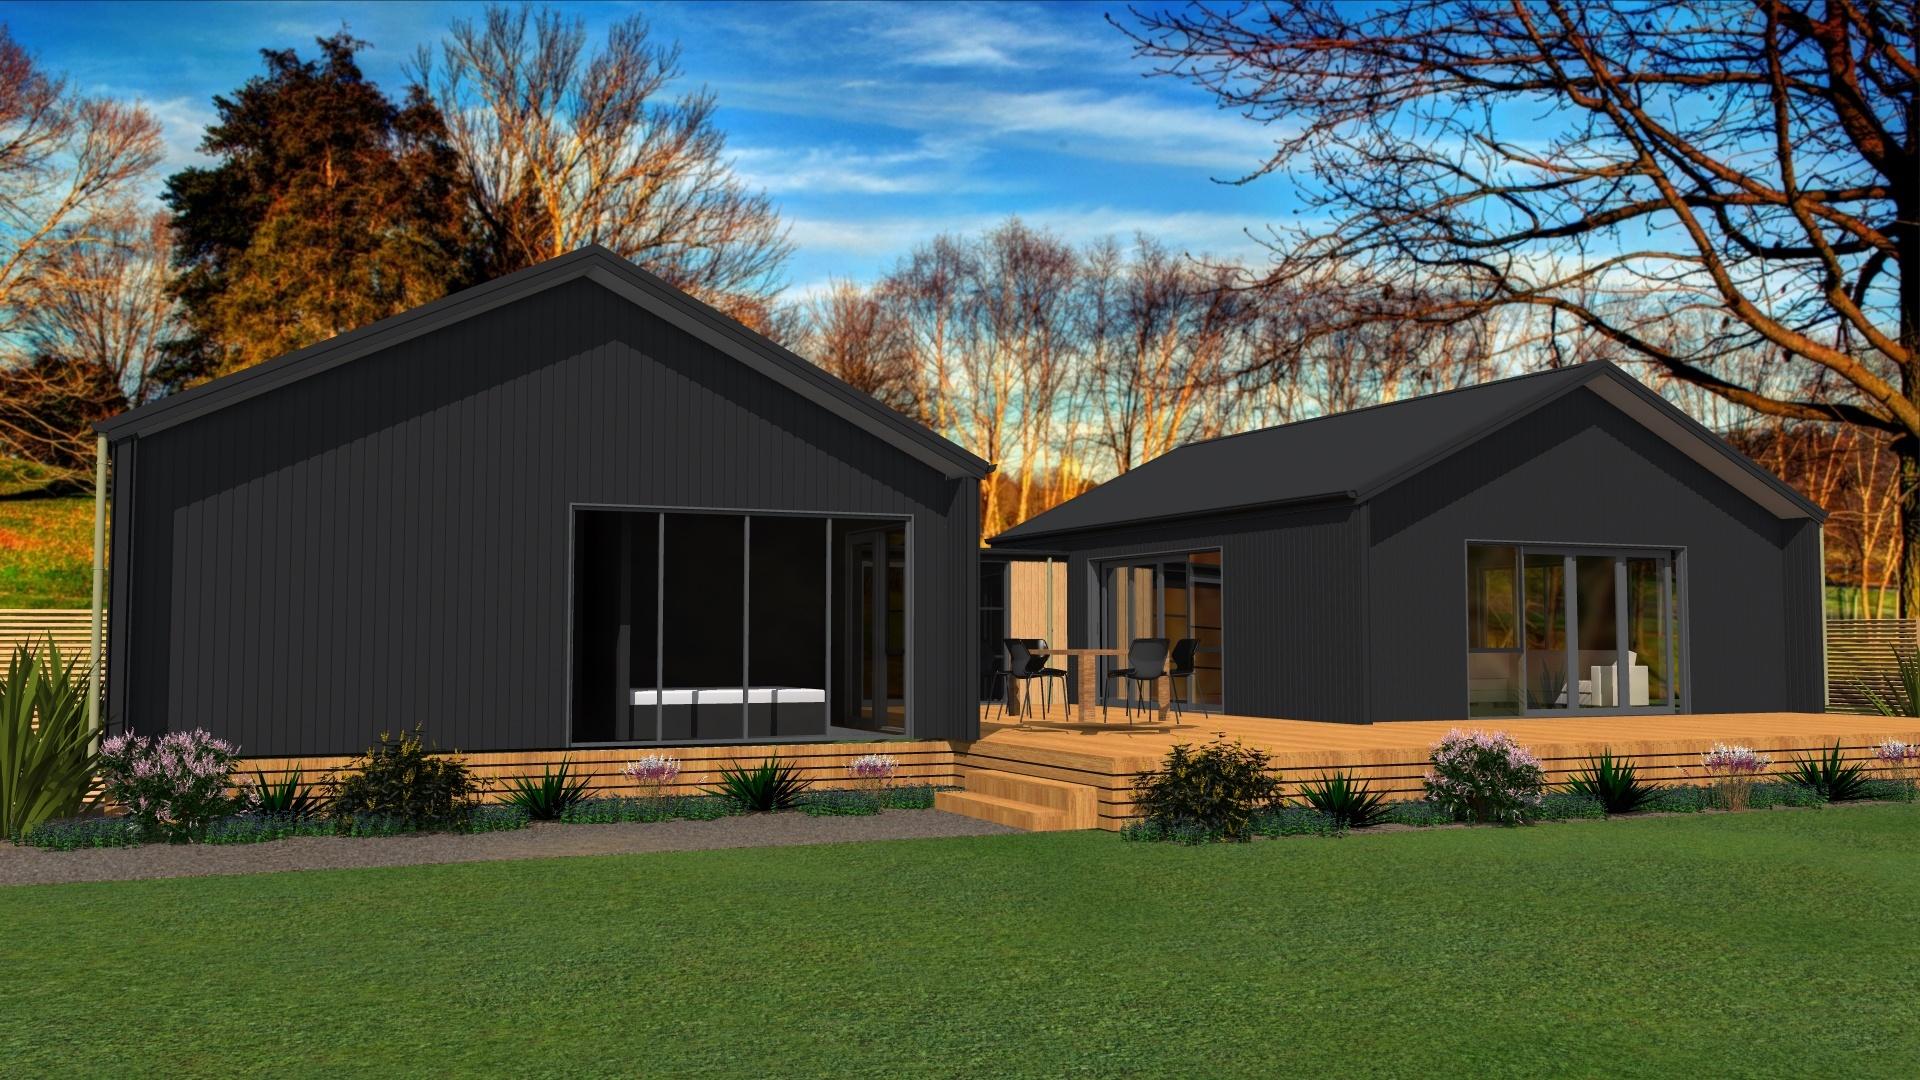 3 bedroom modern kitset house